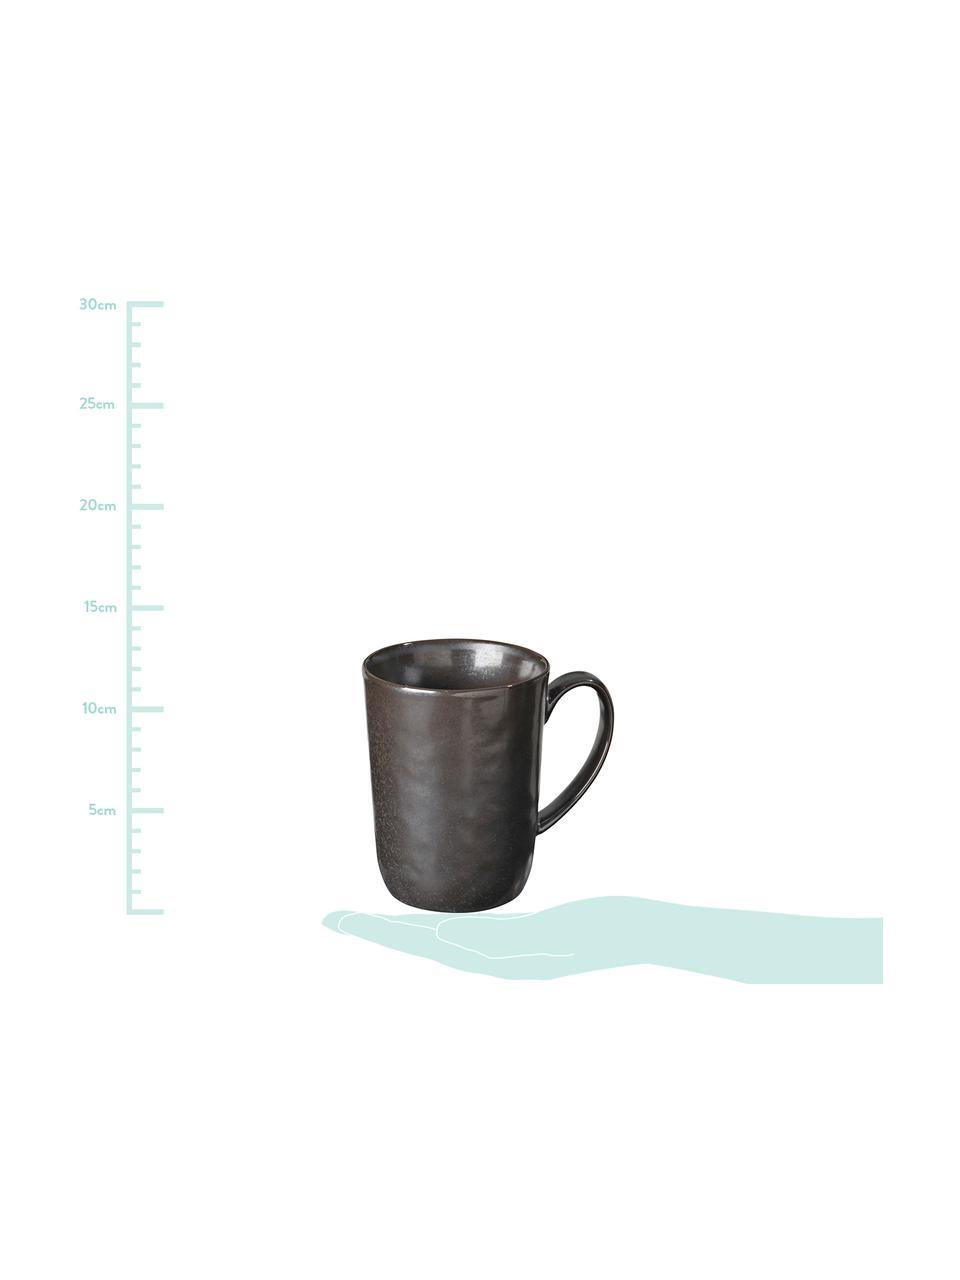 Handgemachte Tassen Esrum Night, 4 Stück, Steingut, glasiert, Graubraun, matt silbrig schimmernd, Ø 12 x H 11 cm